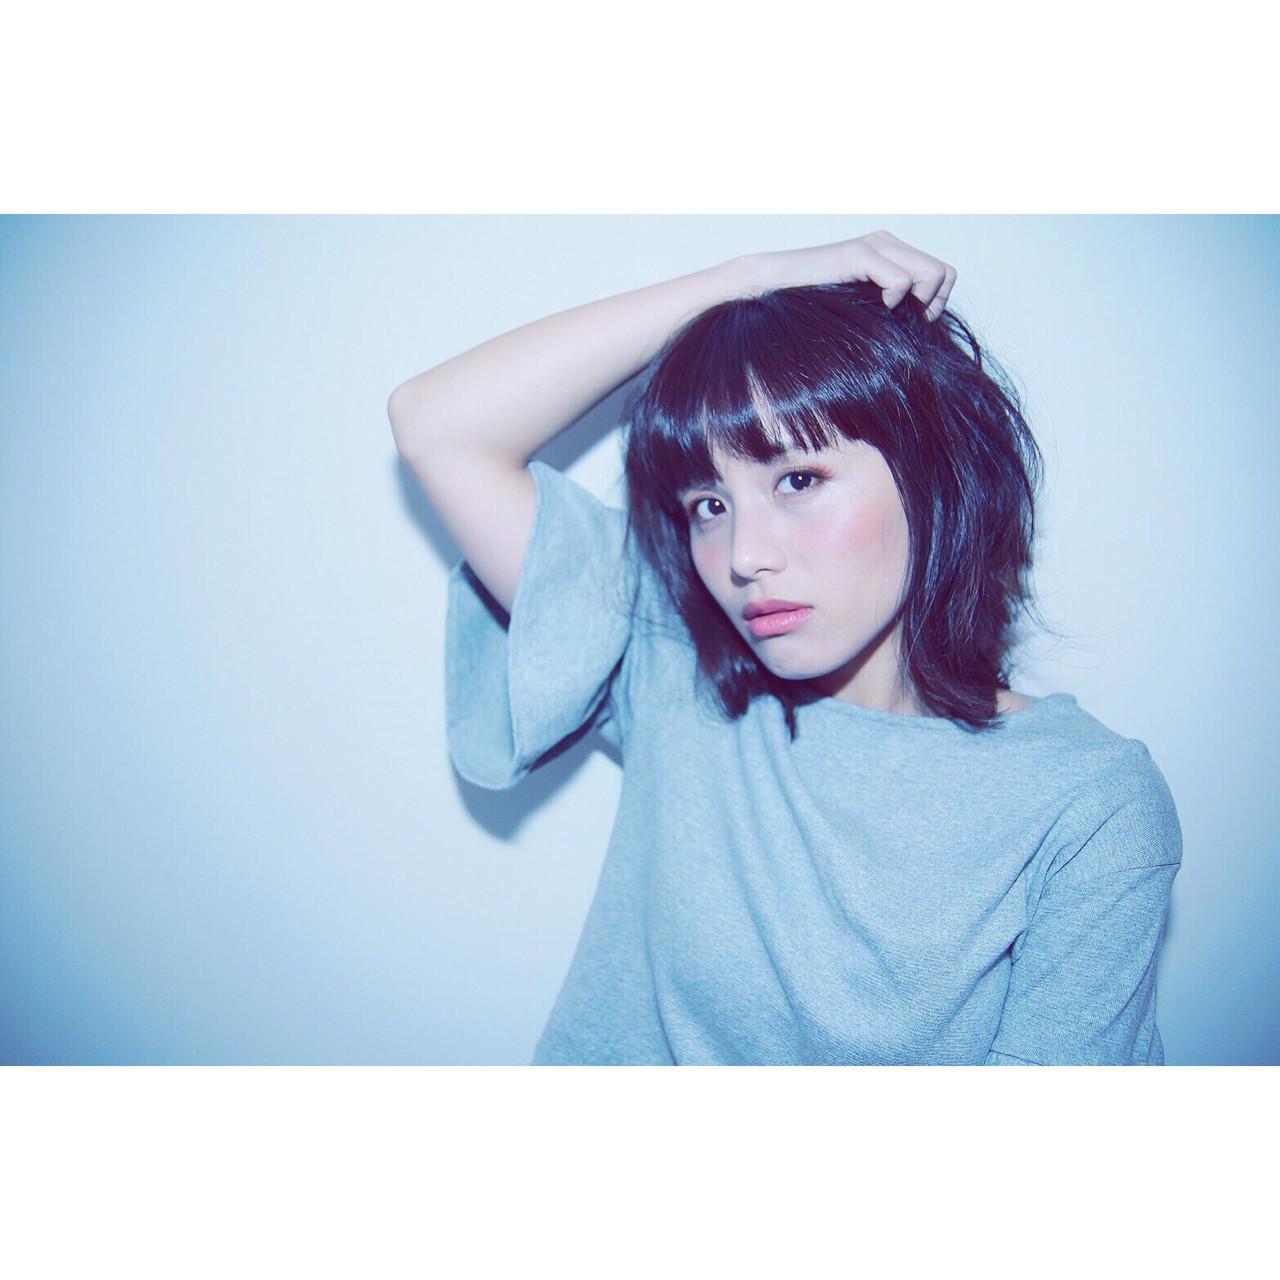 ミディアム 秋 かっこいい ロブ ヘアスタイルや髪型の写真・画像 | サン /